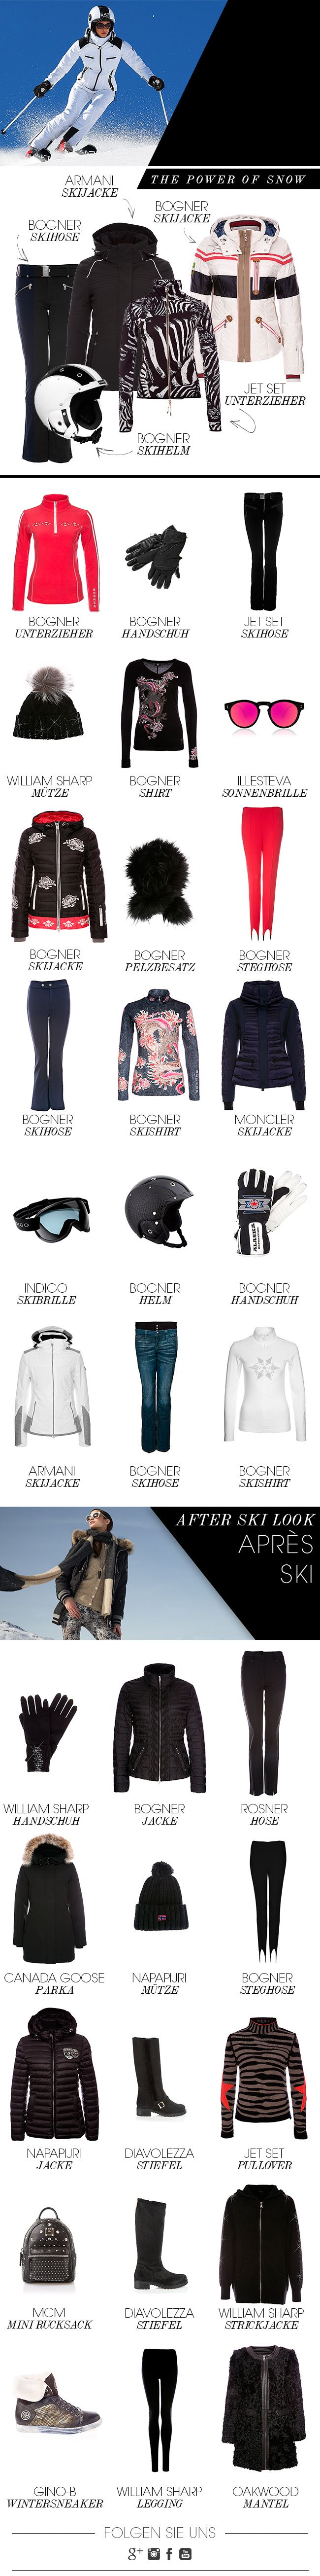 #musthave #fashion #newin #modeblog #fashionstore #onlineshop #shop #online  #sailerstyle #onlineshop #fashion #blog #trusted #stylenews #newsletter #design  #labels  #bogner #skiwear #skifashion #skihose #ski #skimode #skibekleidung #ea7 #indigo #skibrille #jetset